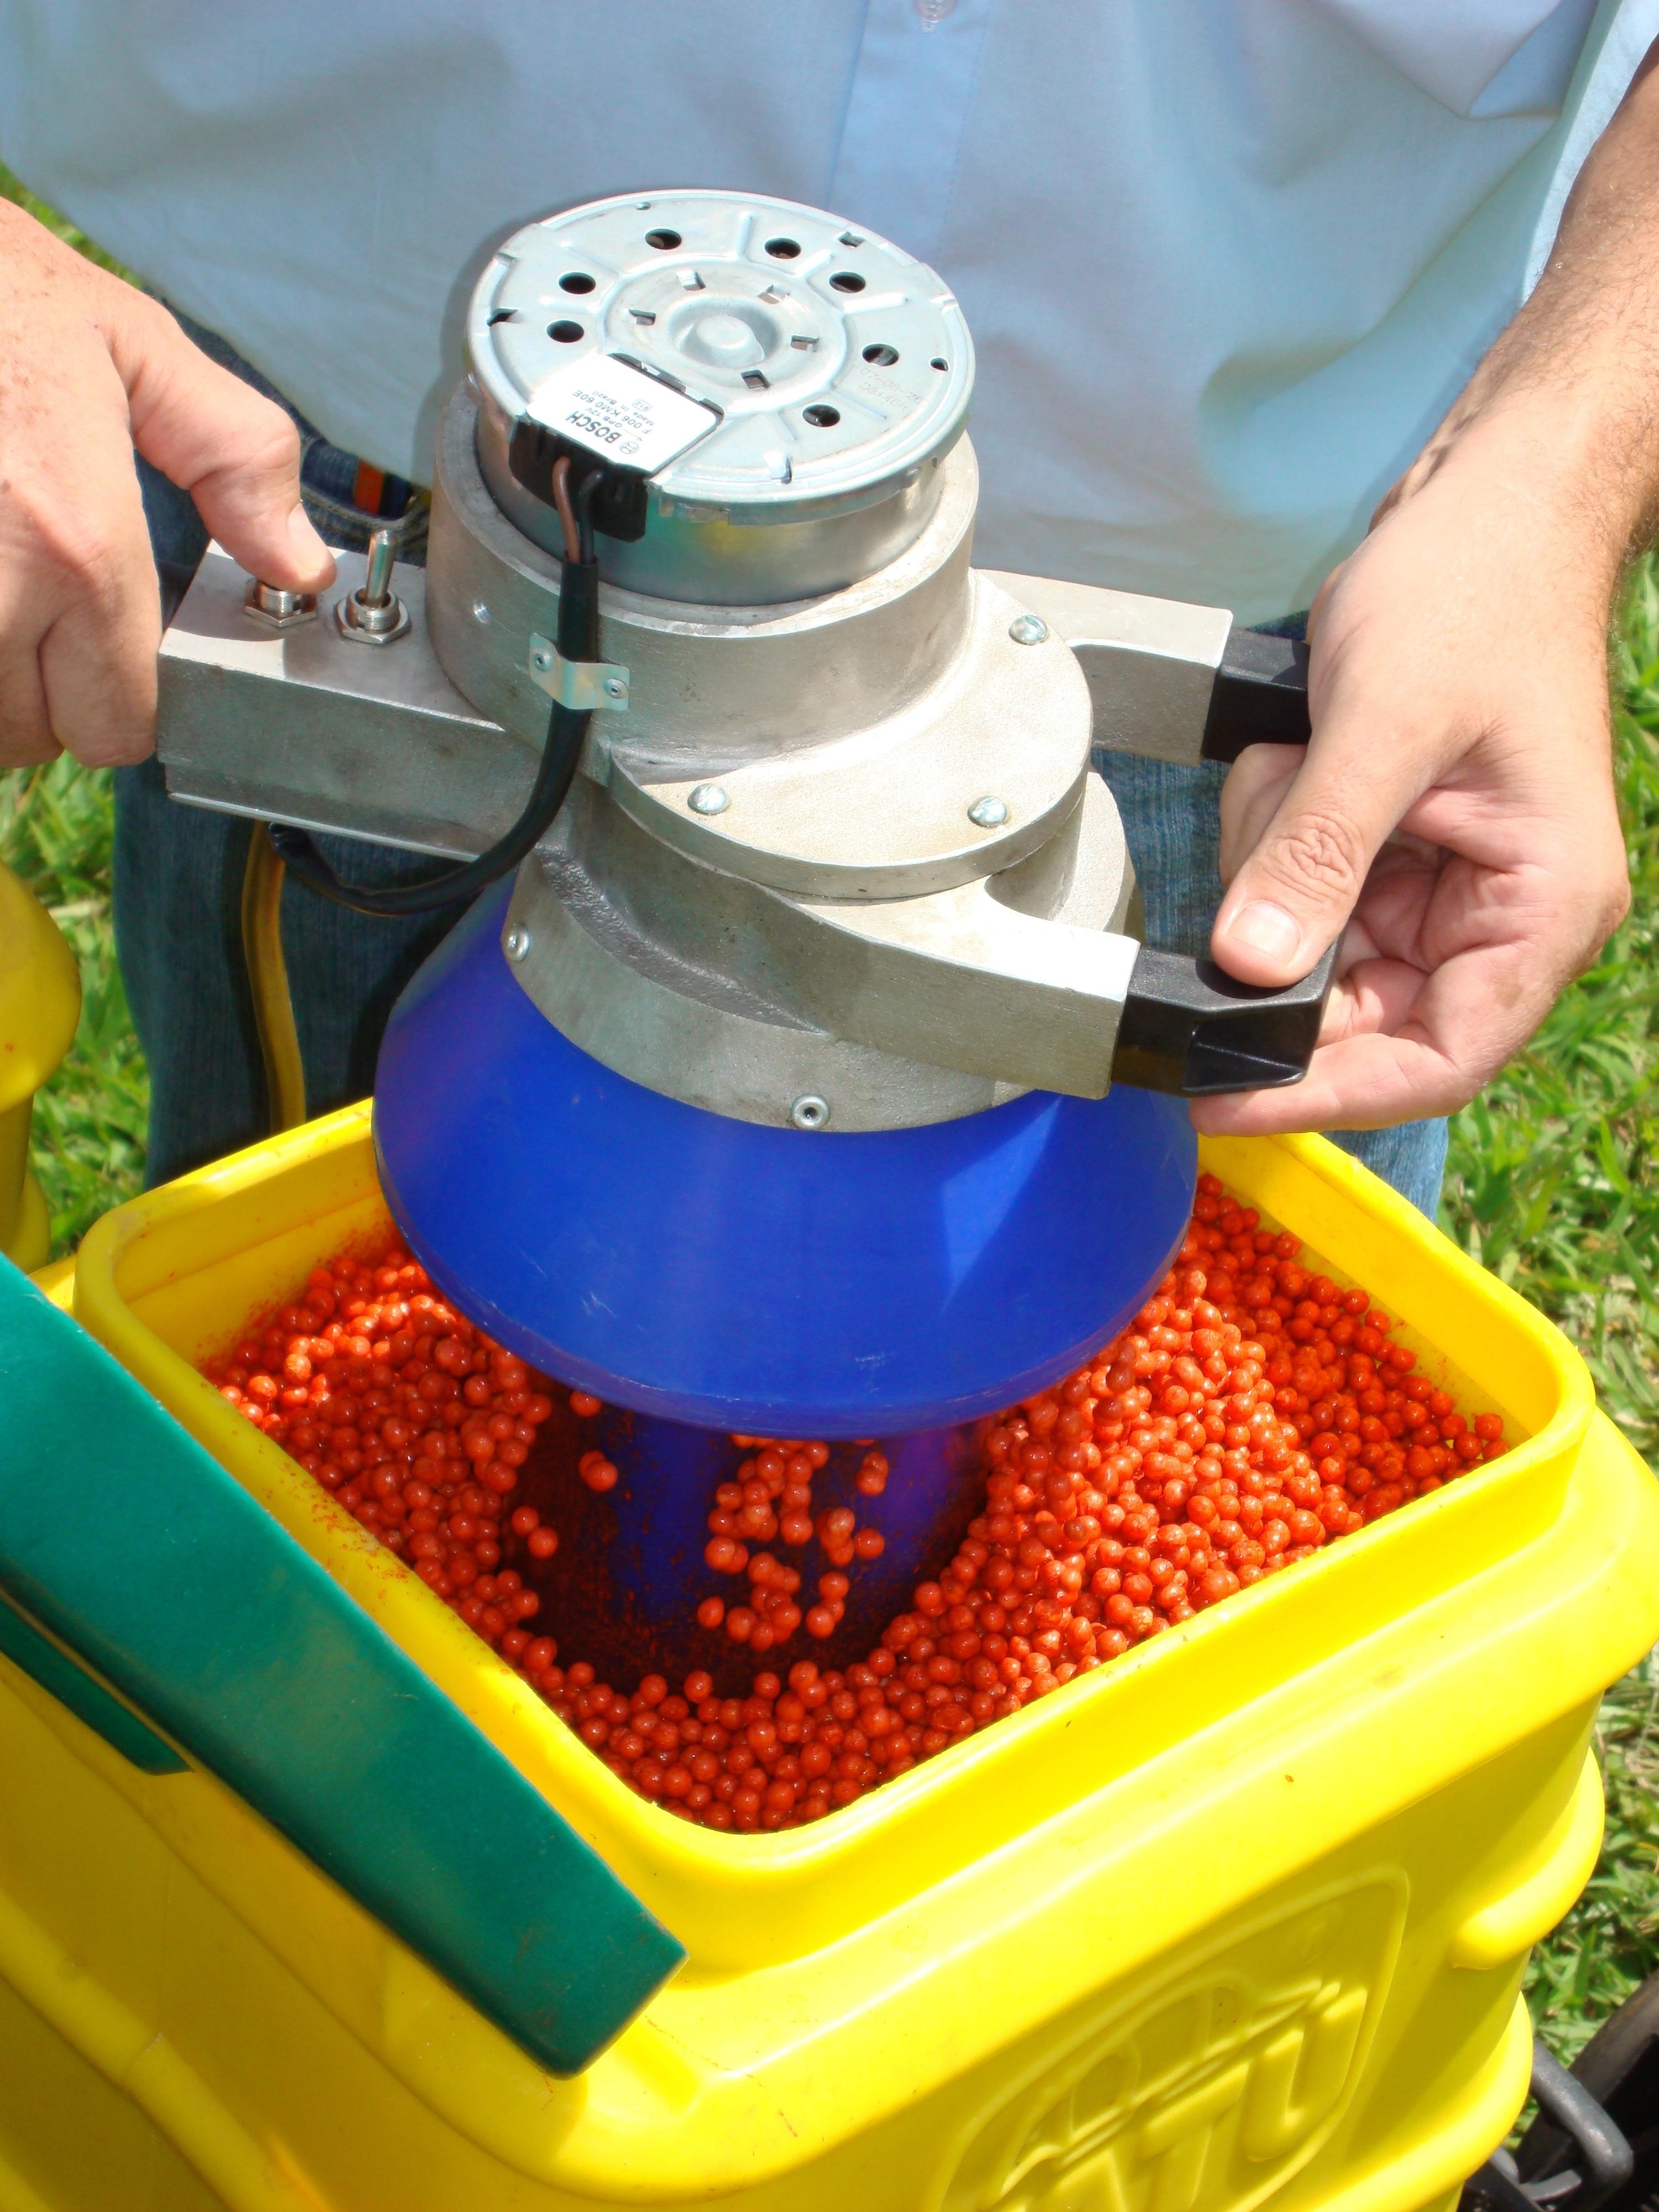 Mecmix: Trata semilla en la planta